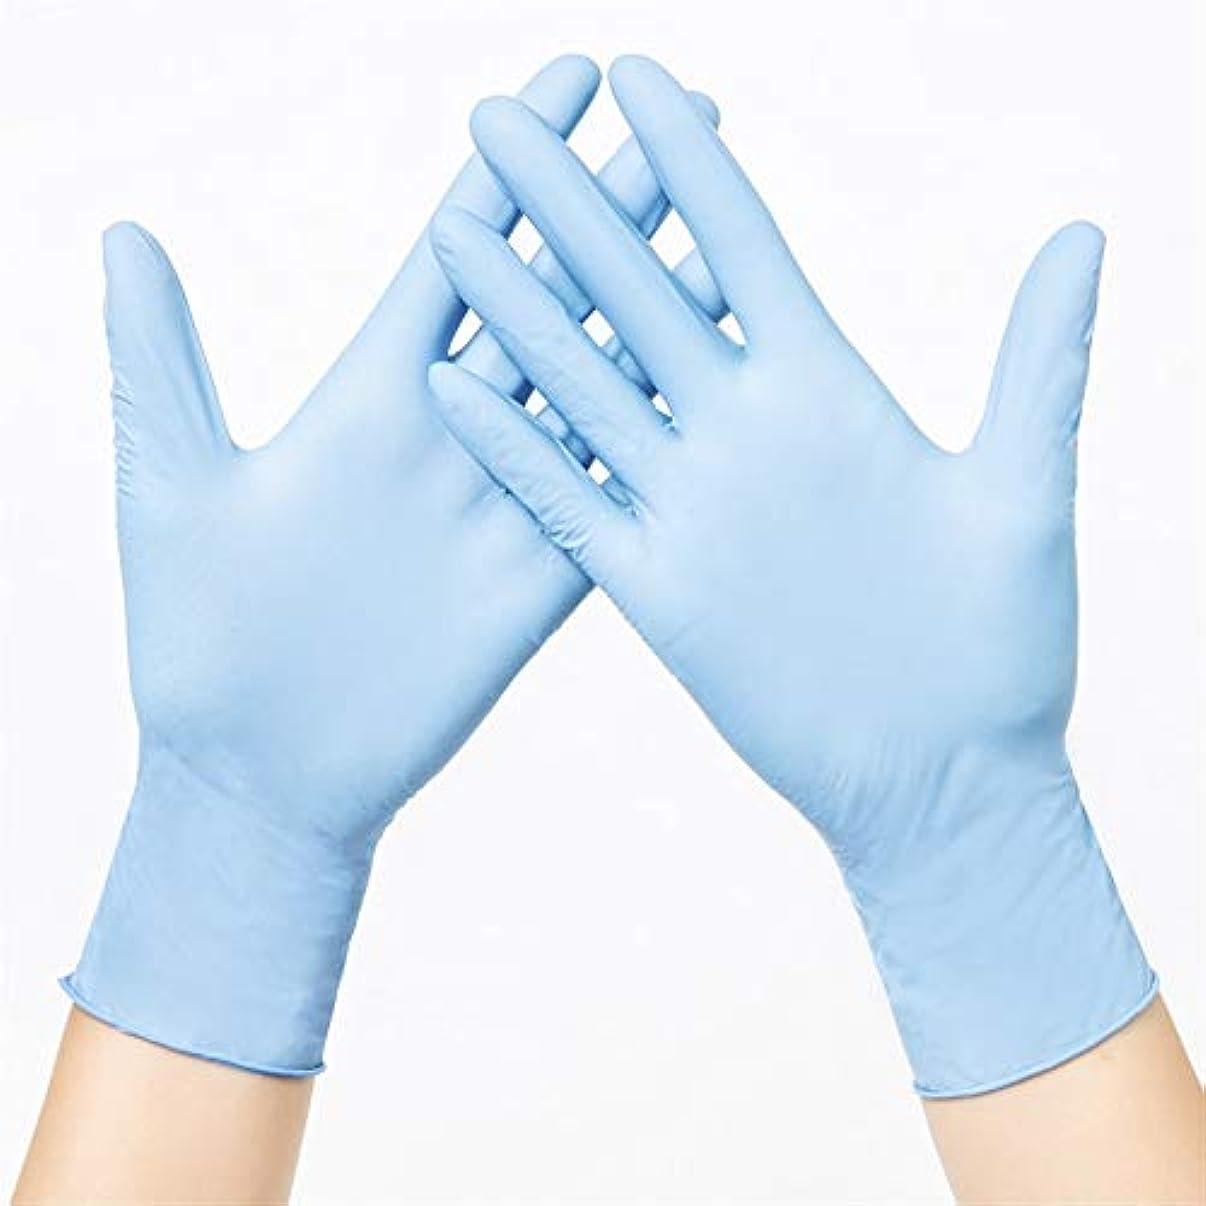 印象的なコック接触ニトリルゴム手袋 使い捨て手袋ゴム製超薄型ハンドウェアラブル防水家庭用手袋、100 使い捨て手袋 (Color : Blue, Size : S)